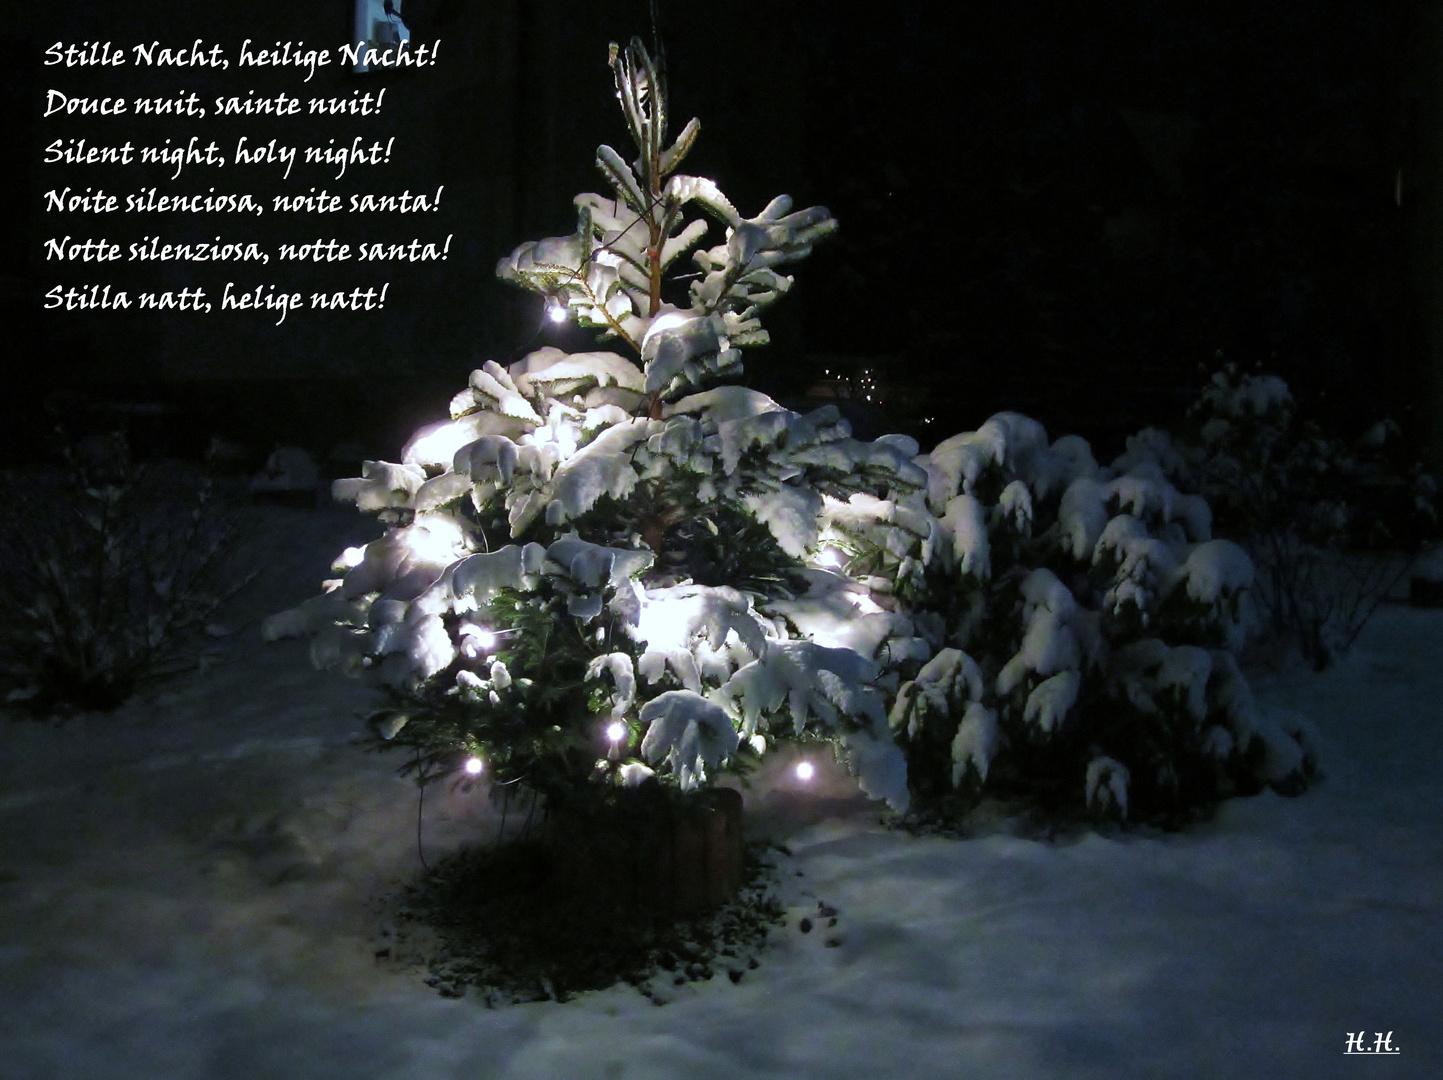 Ich wünsche ein gesegnetes und friedliches Weihnachtsfest!